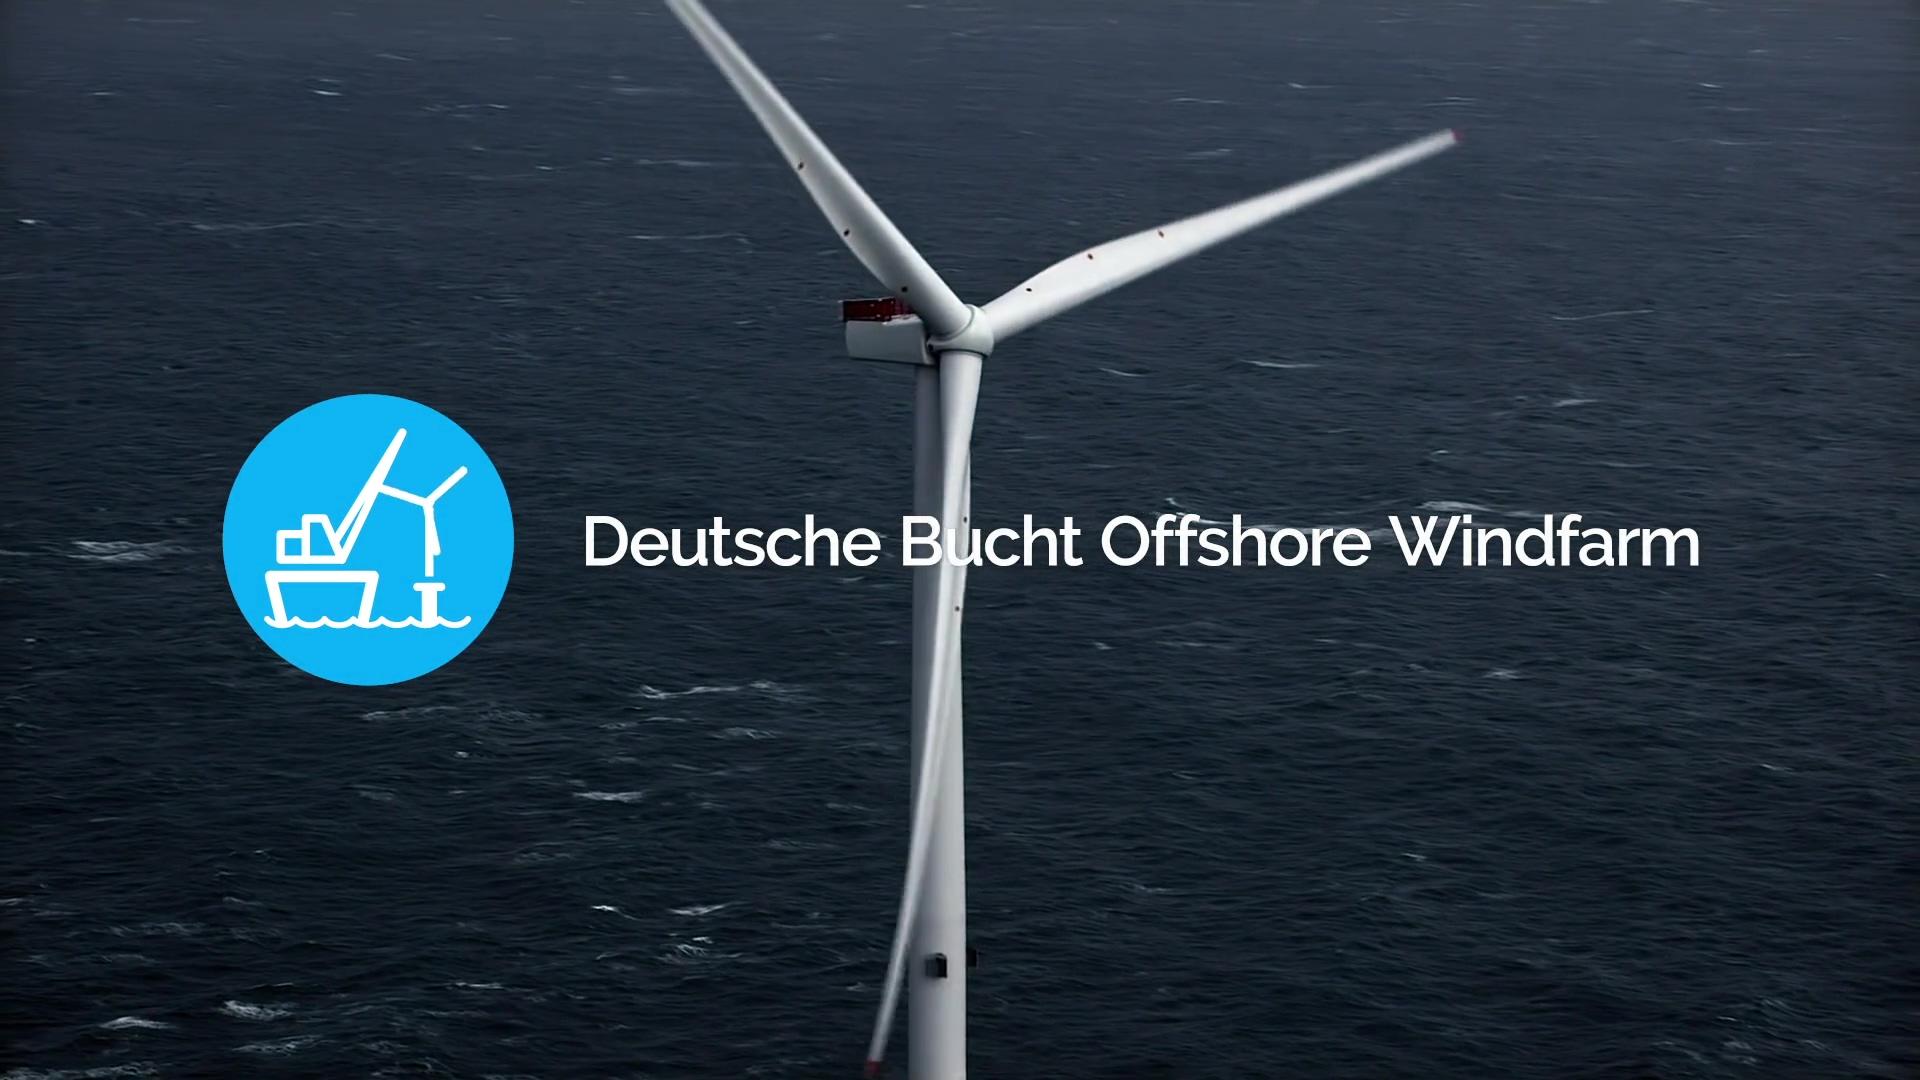 K2M Case Study - Deutsche Bucht Short_Vimeo 1080p HD